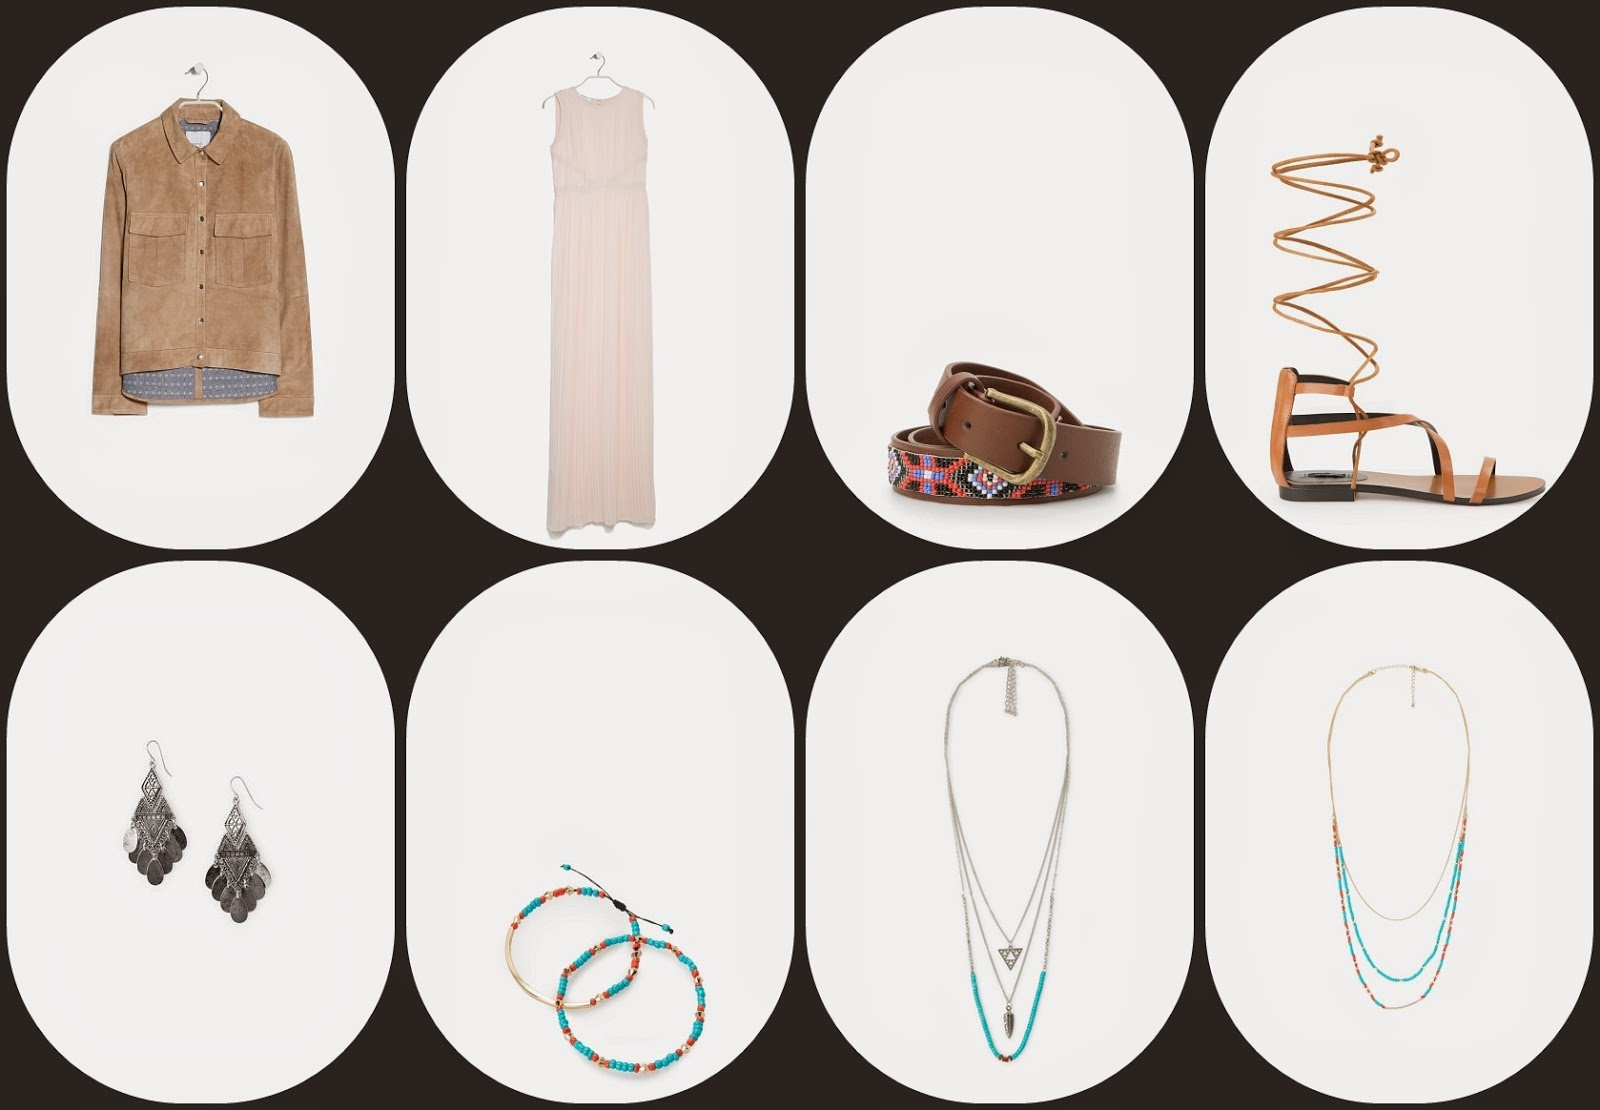 Yves Saint Laurent - Conjunto com roupa da Mango - coleção 2015